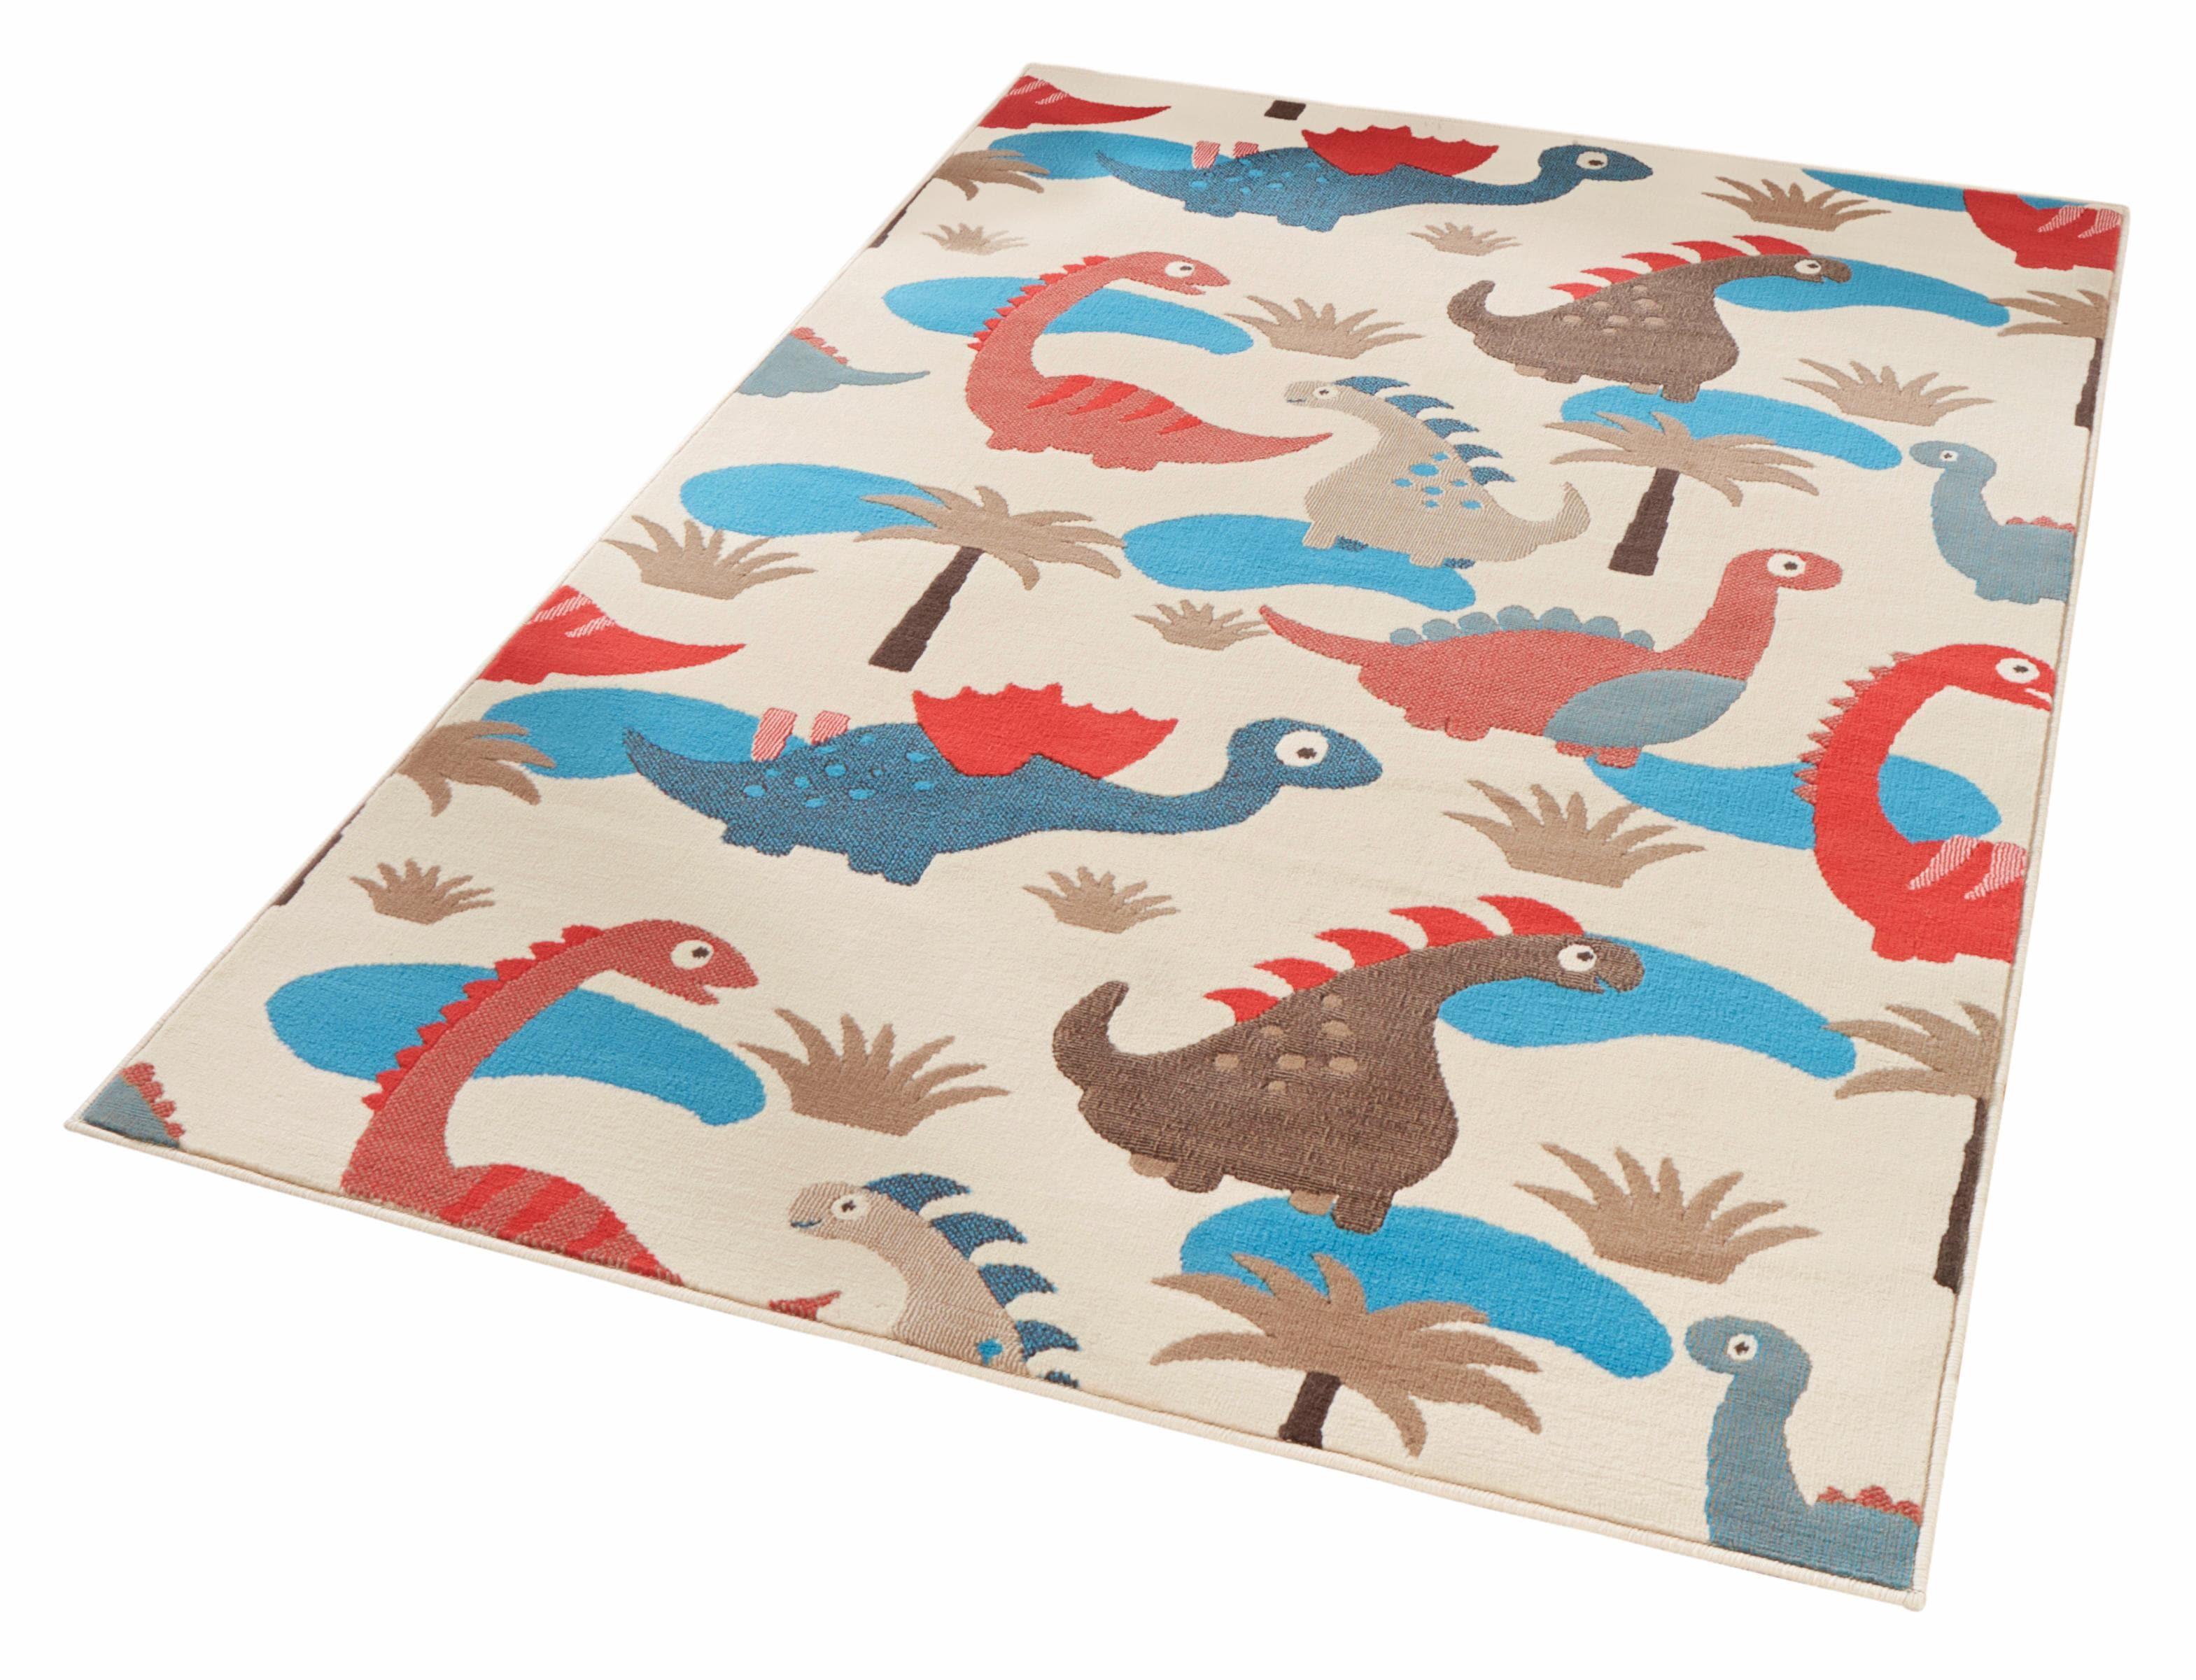 Kinderteppich Dinosaurier Zala Living rechteckig Höhe 9 mm